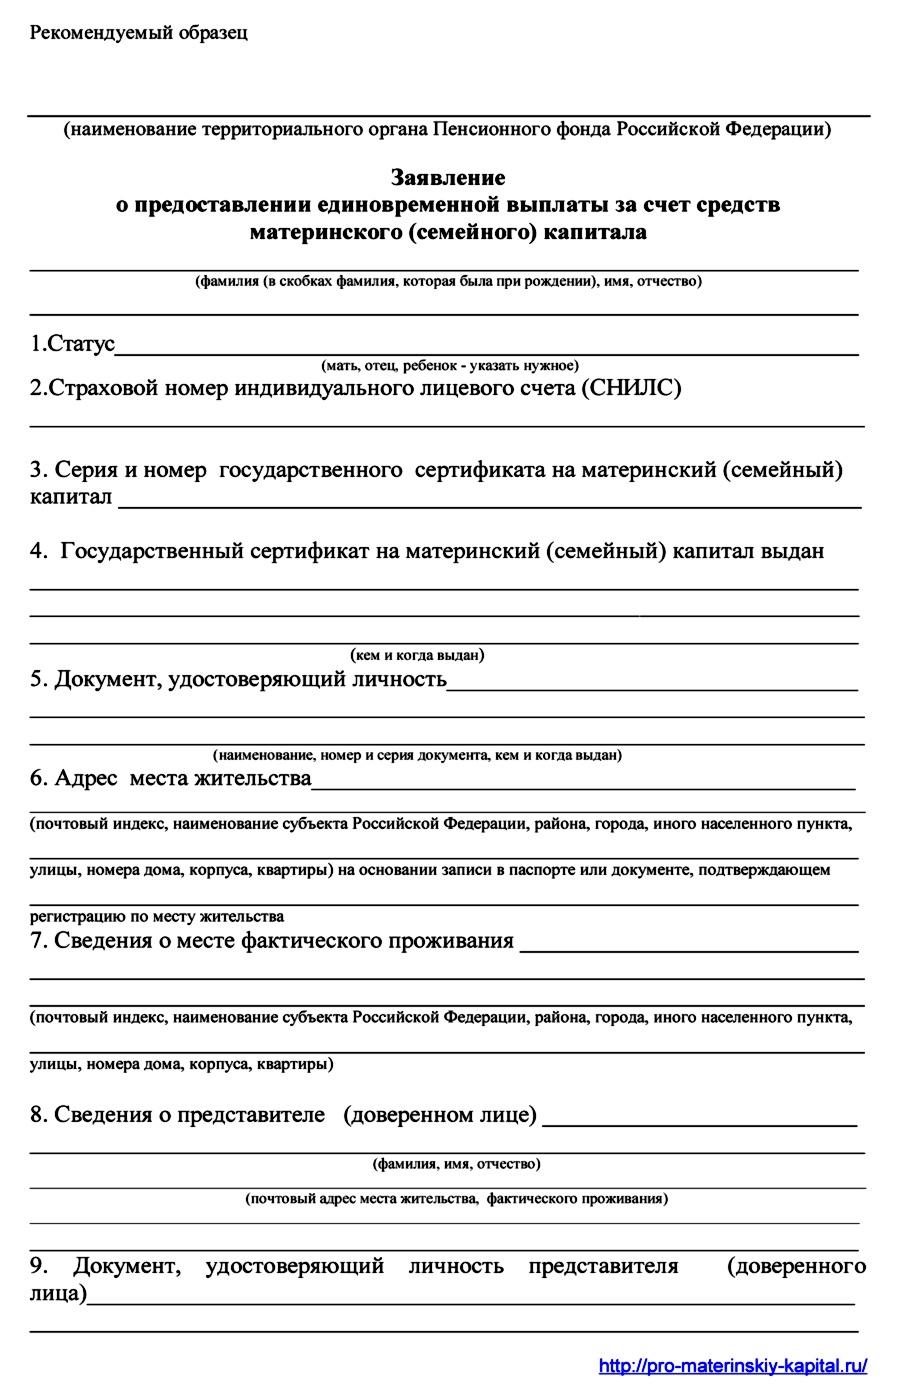 Форма заявления на получение жилищного сертификата сертификация цифровых тахографов